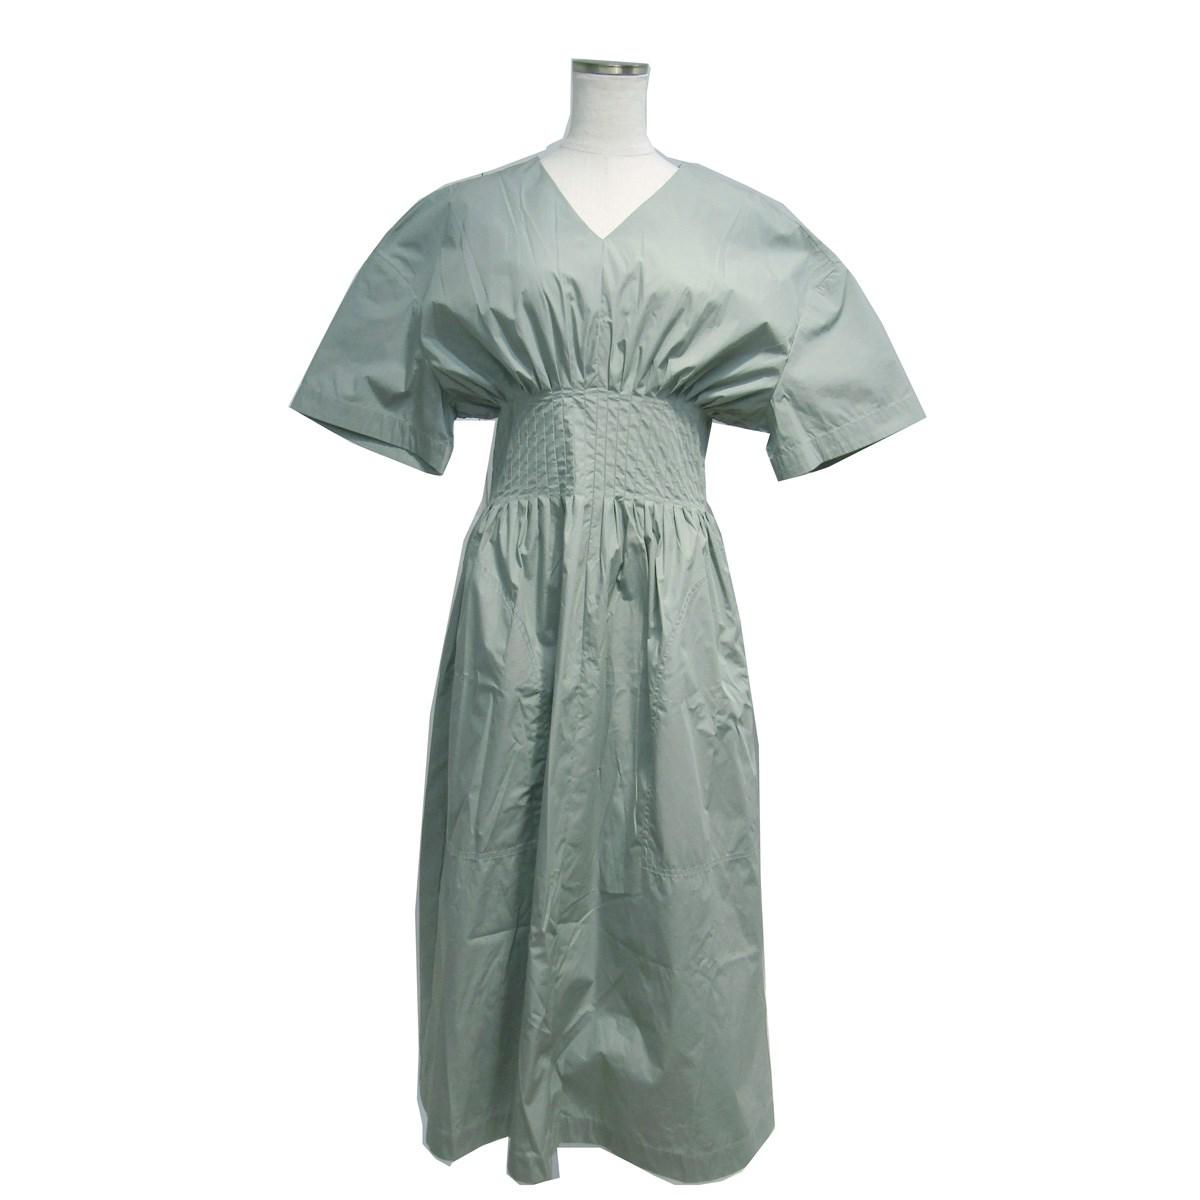 【中古】LE CIEL BLEU 2019SS Classic Summer Dress サマードレス ワンピース グリーン サイズ:36 【280420】(ルシェルブルー)